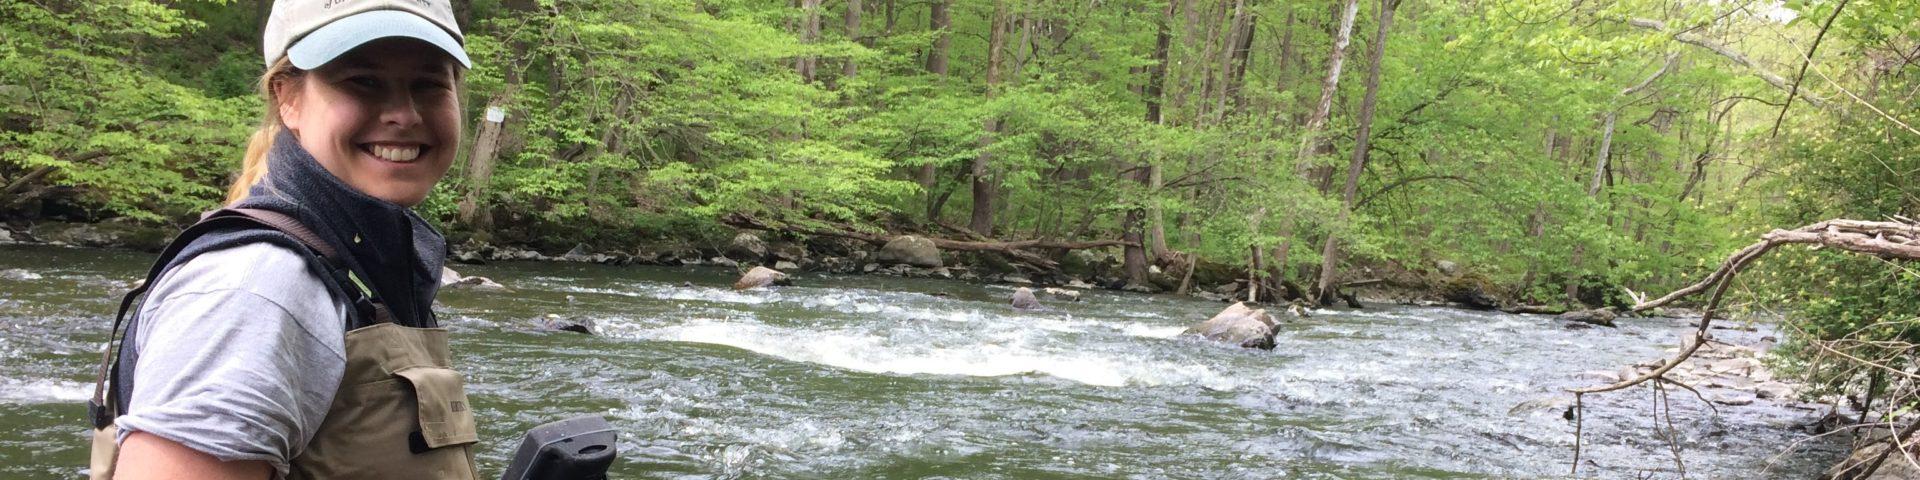 marie in stream